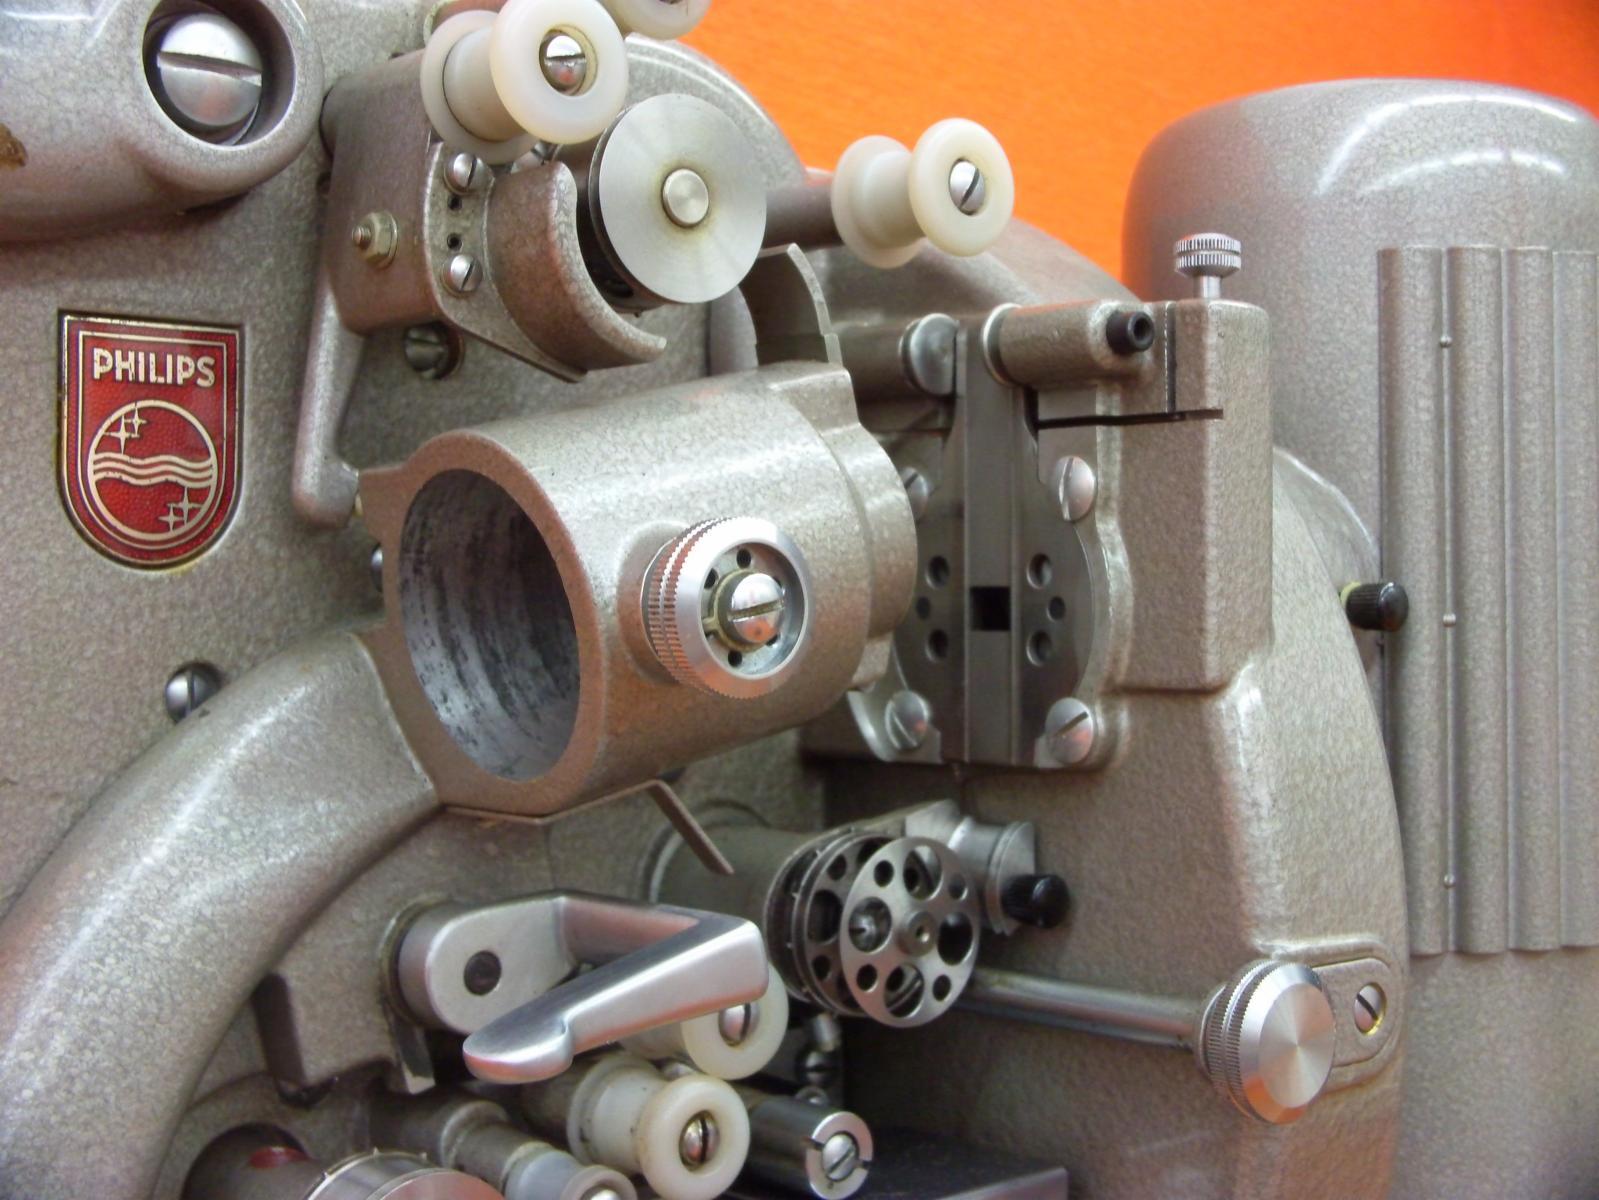 Philips EL5001 Öffnen der Filmbühne Bildsequenz Bild 6